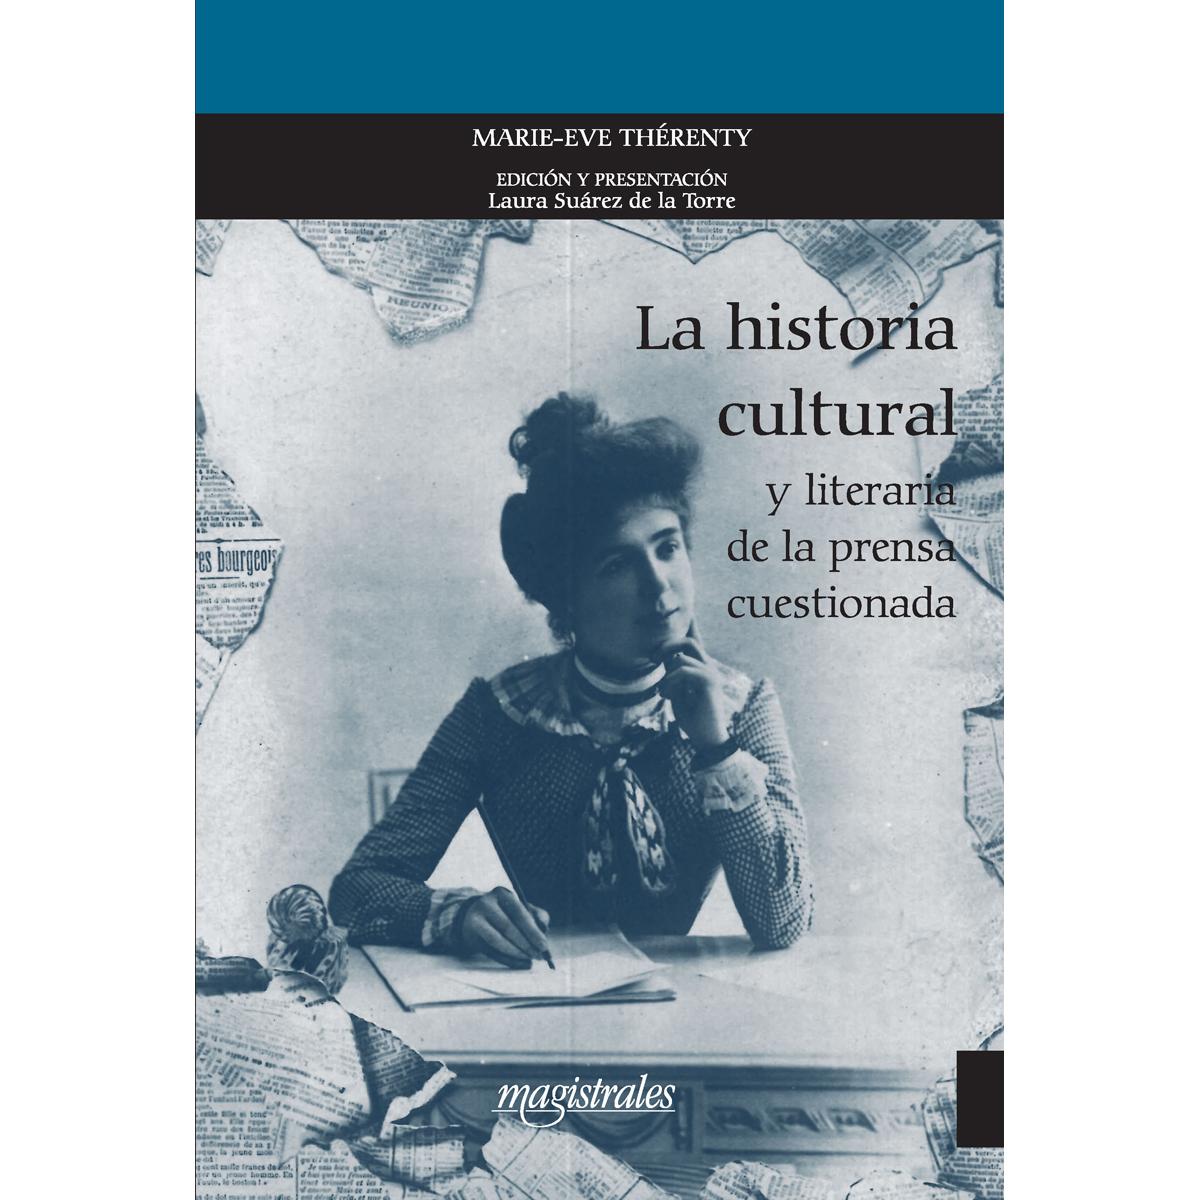 La historia cultural y literaria de la prensa cuestionada